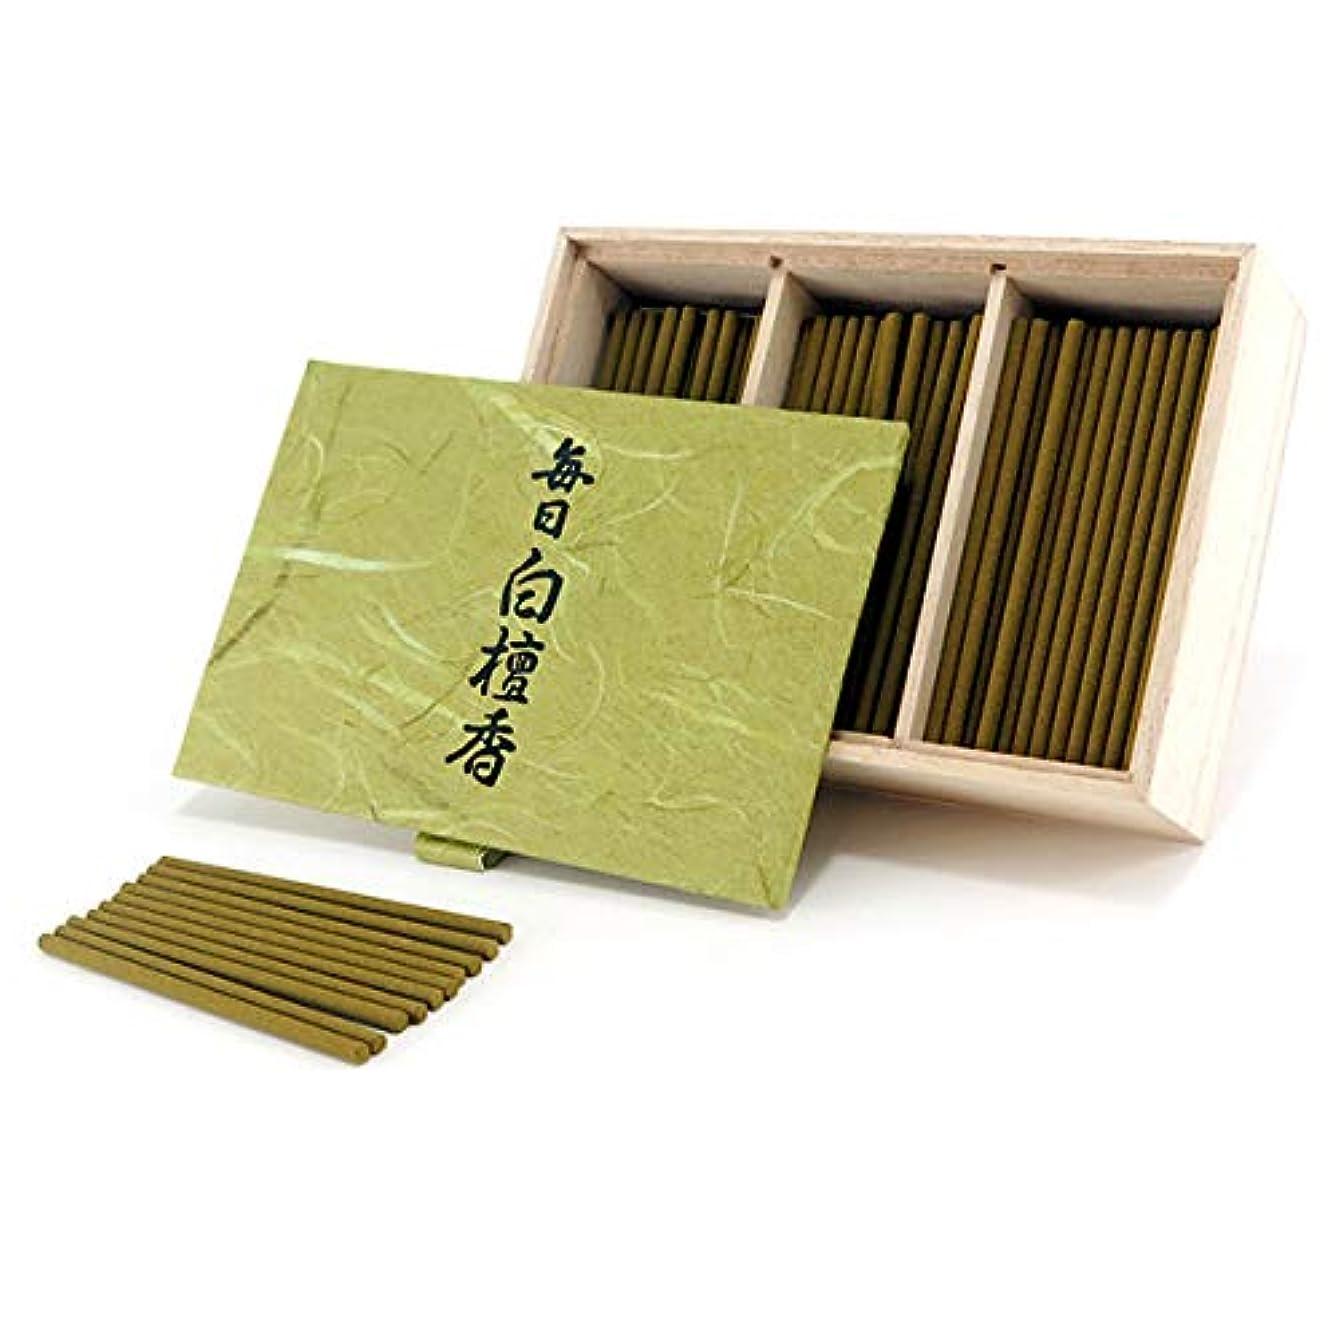 したい仕様動物園日本香堂のお香 毎日白檀香 スティックミニ寸お徳用150本入り